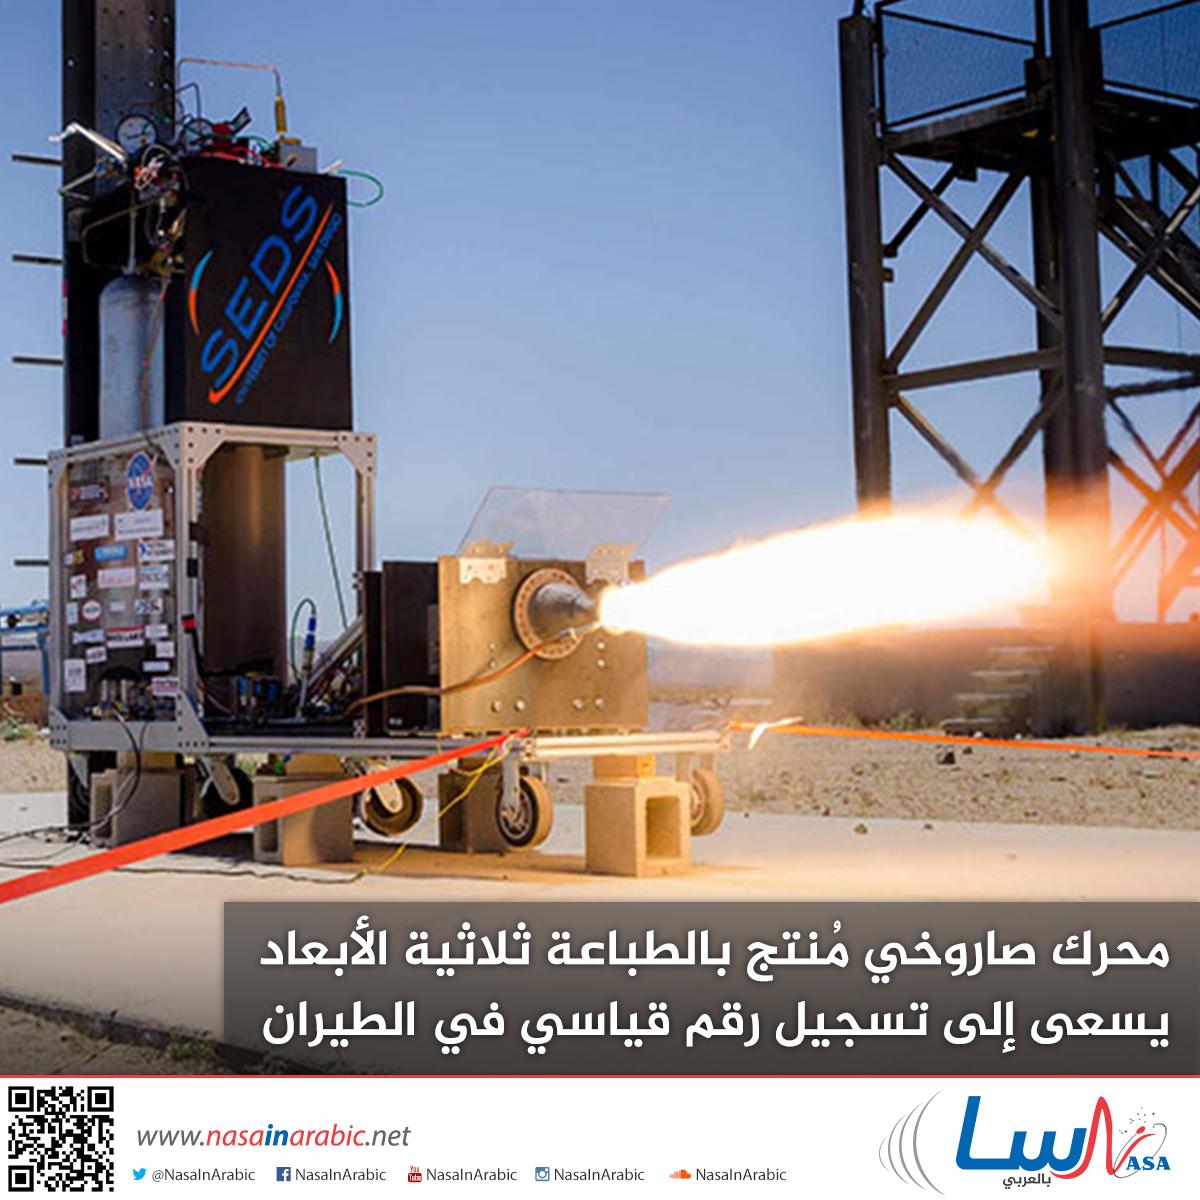 محرك صاروخي مُنتج بالطباعة ثلاثية الأبعاد يسعى إلى تسجيل رقم قياسي في الطيران